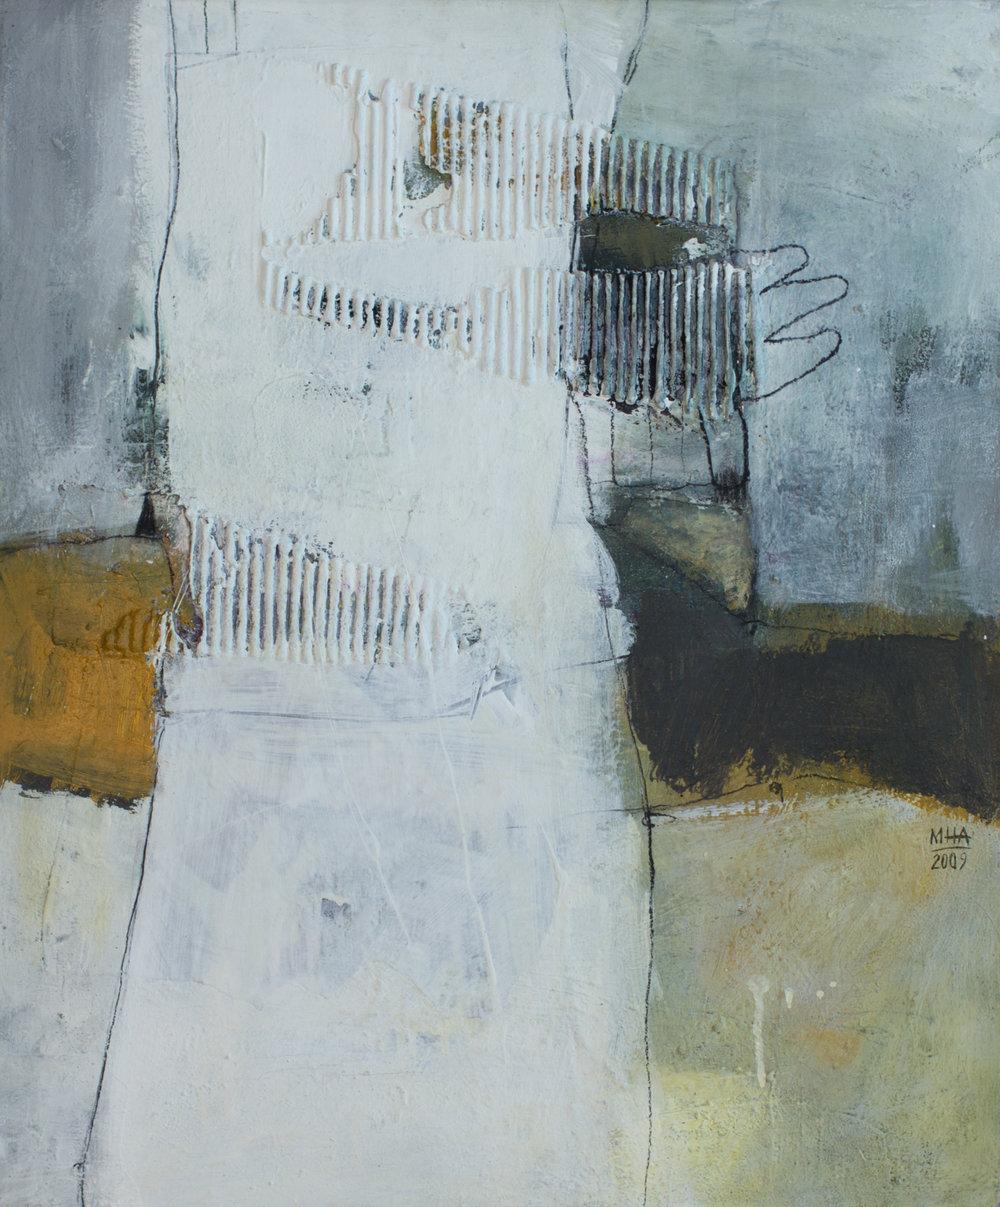 Aufrecht , 2009,Collage mit Acryl auf Leinwand, 50x60 cm